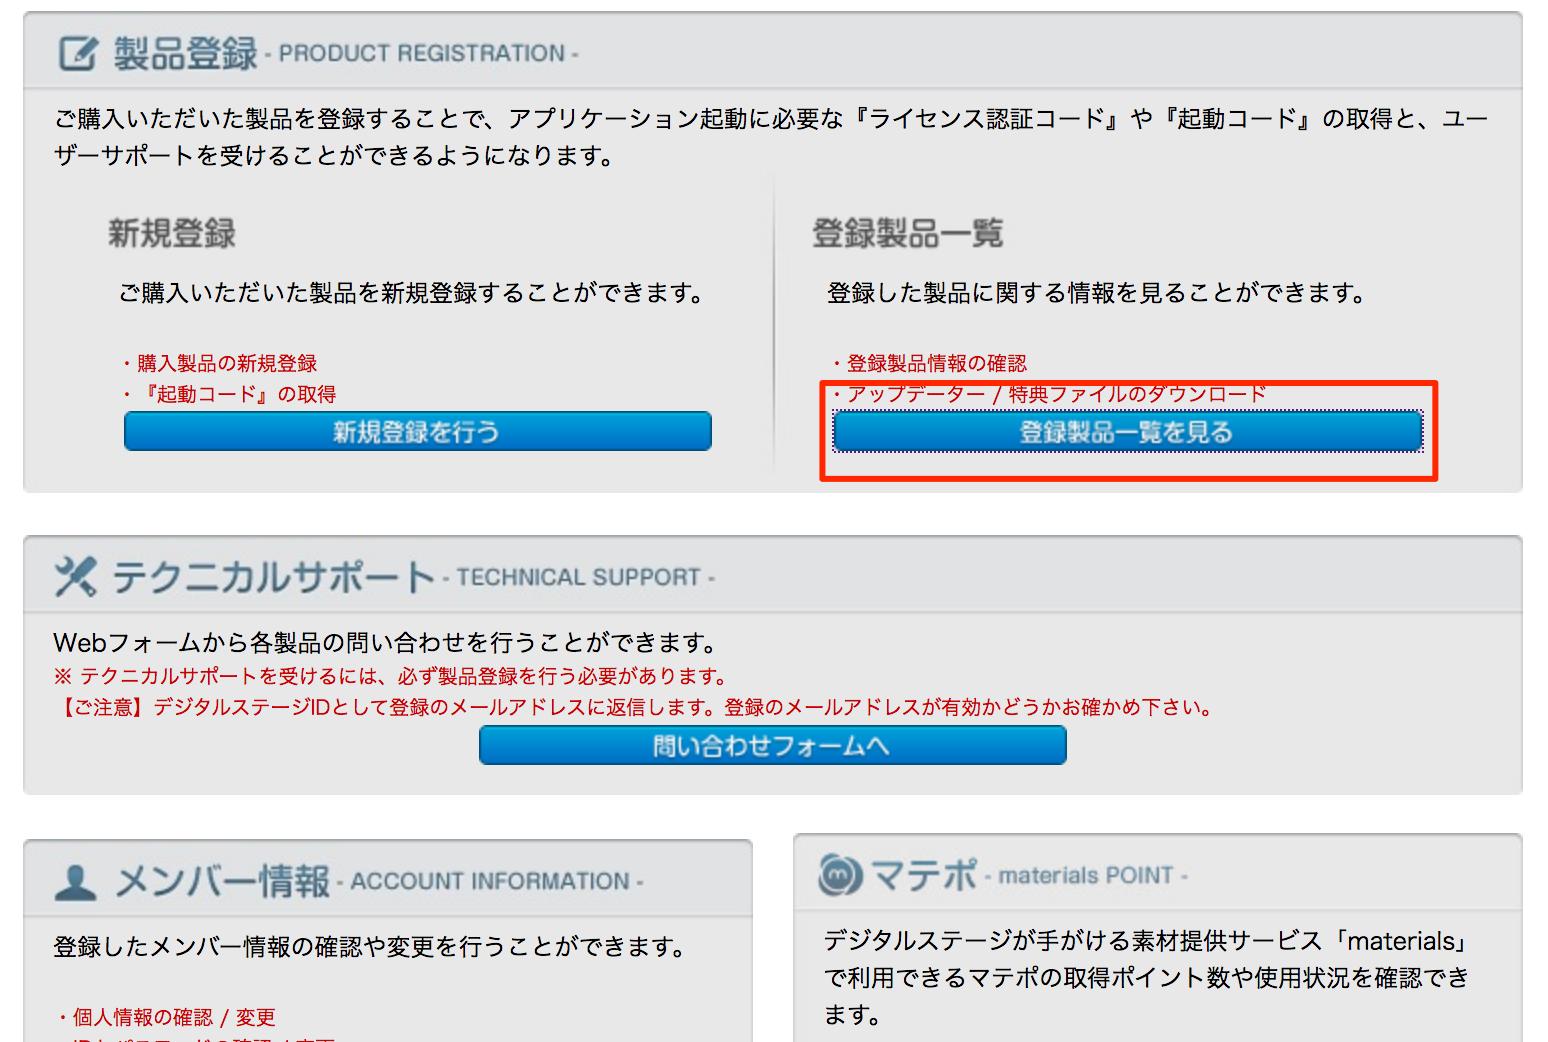 【デスクトップアプリ】アップデーターの適用方法